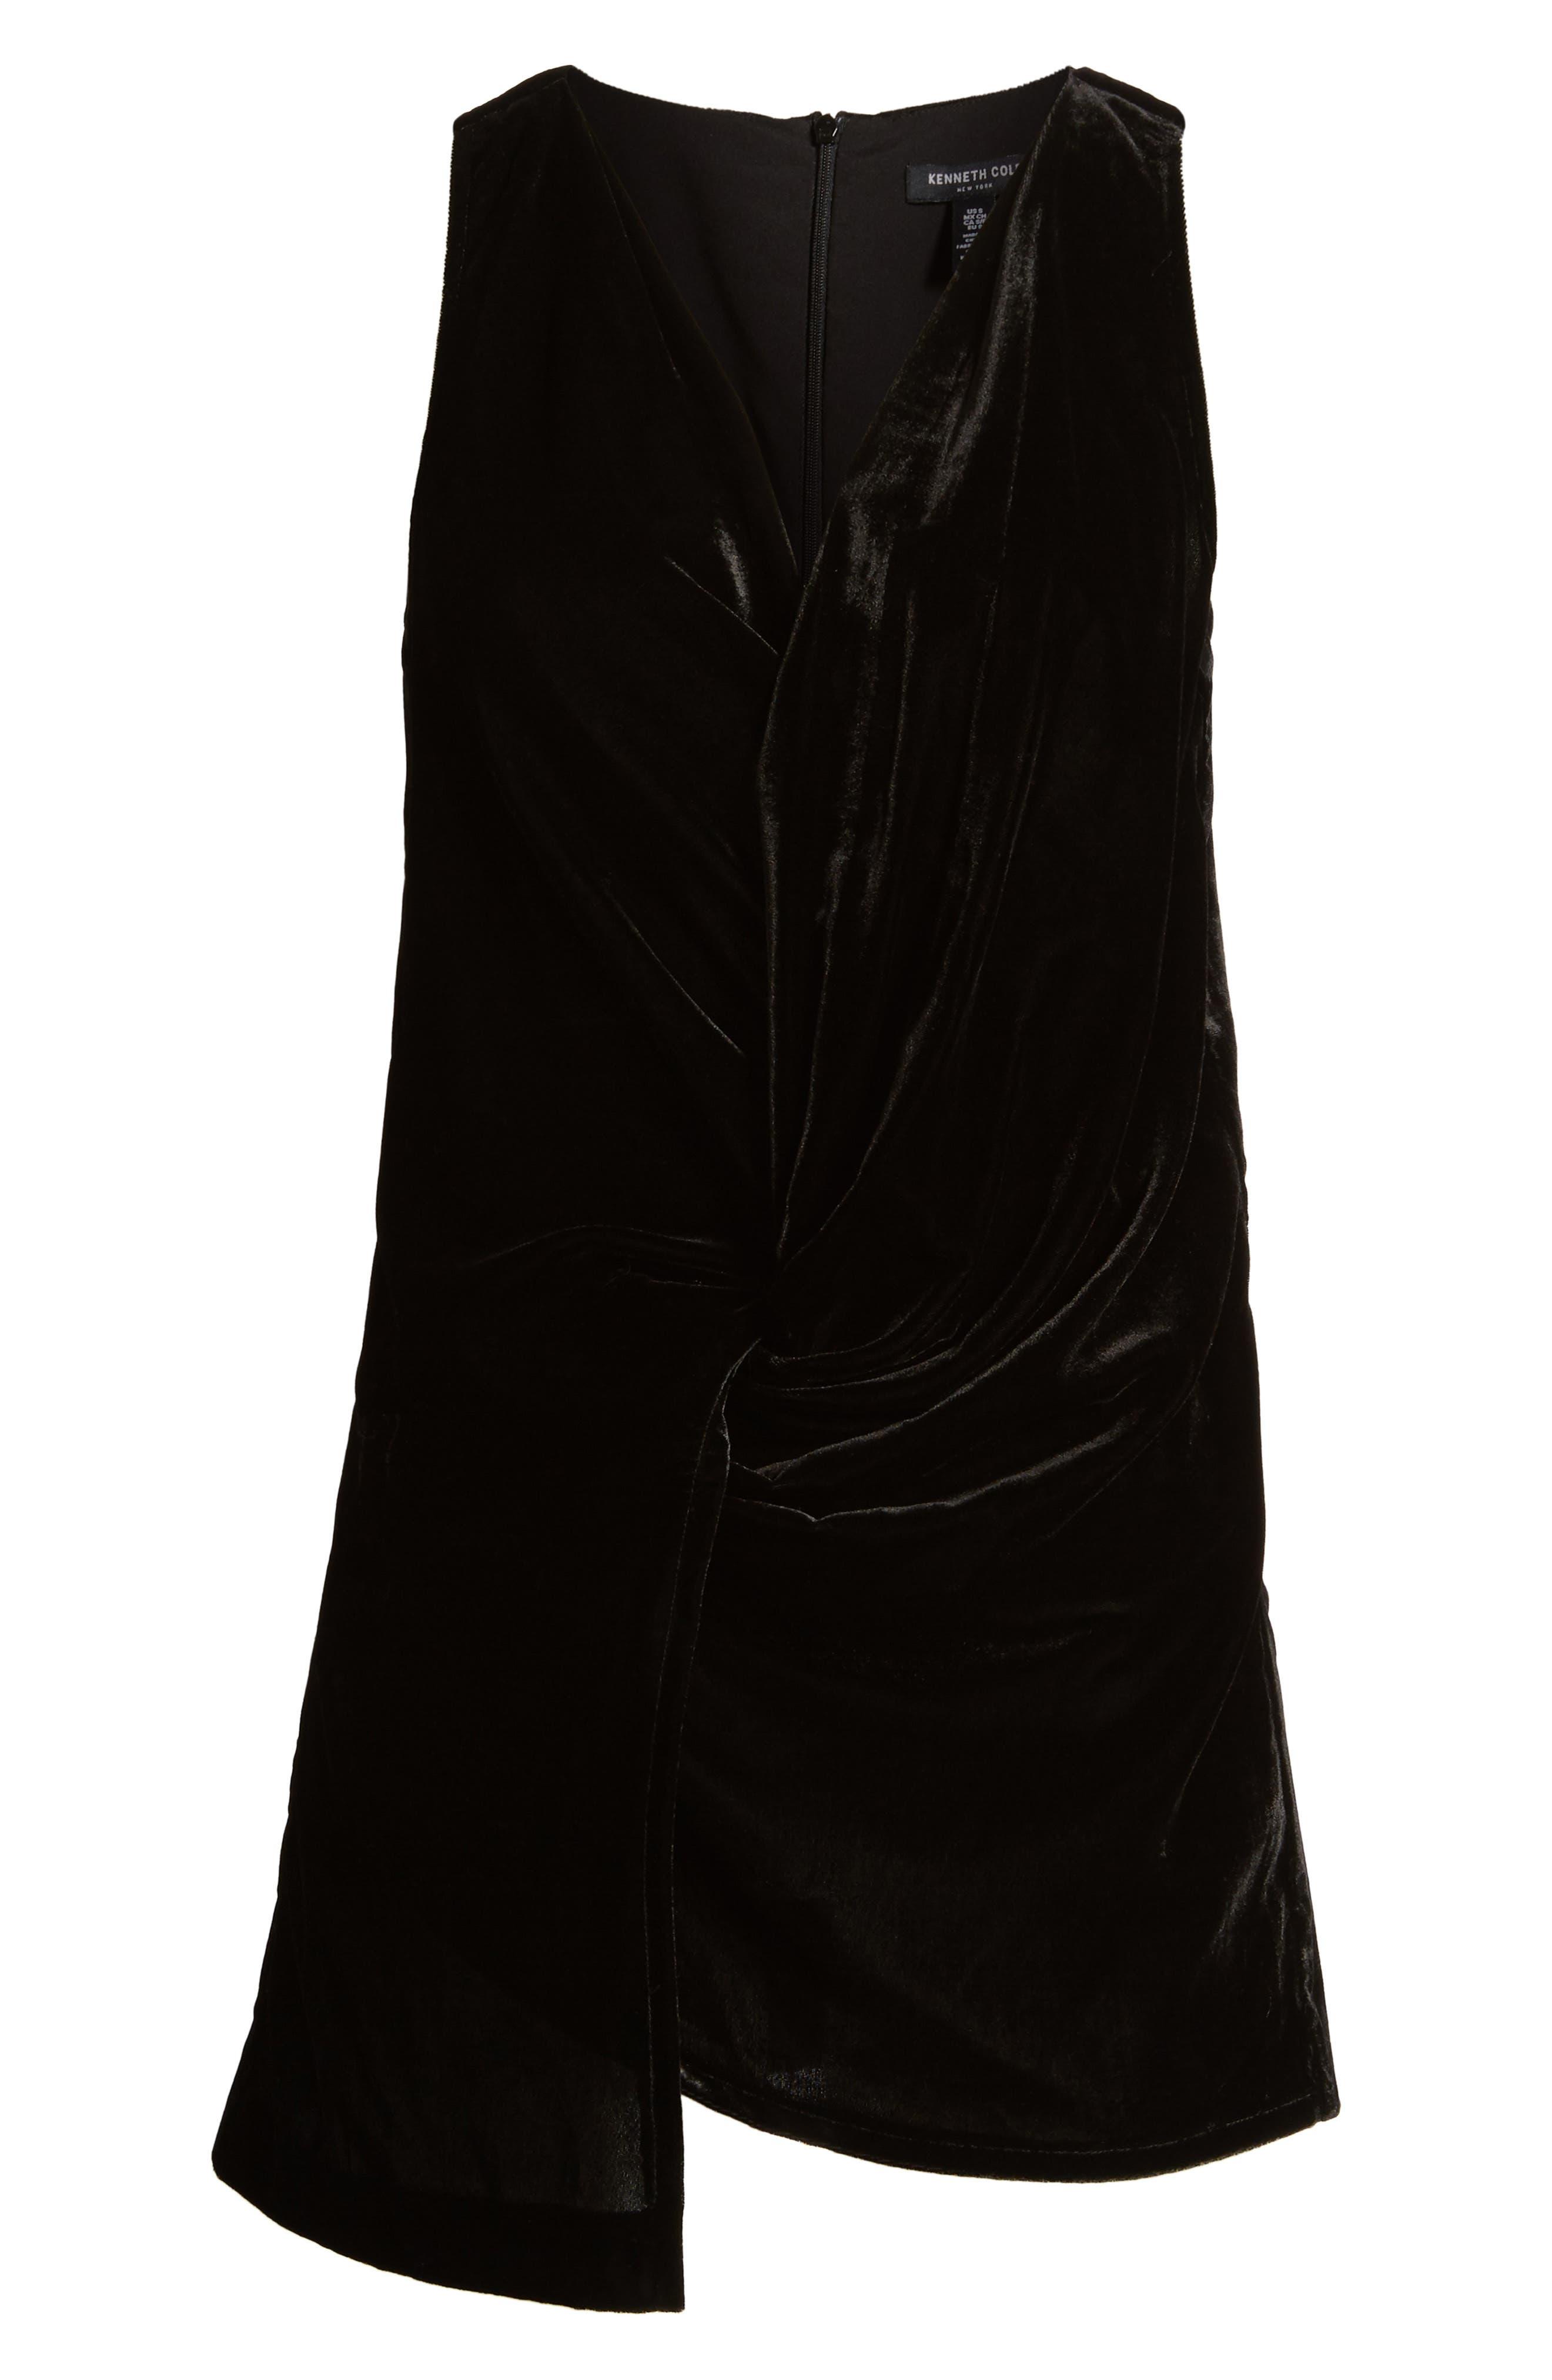 Kenneth Cole Velvet Drape Tank Top,                             Alternate thumbnail 6, color,                             Black